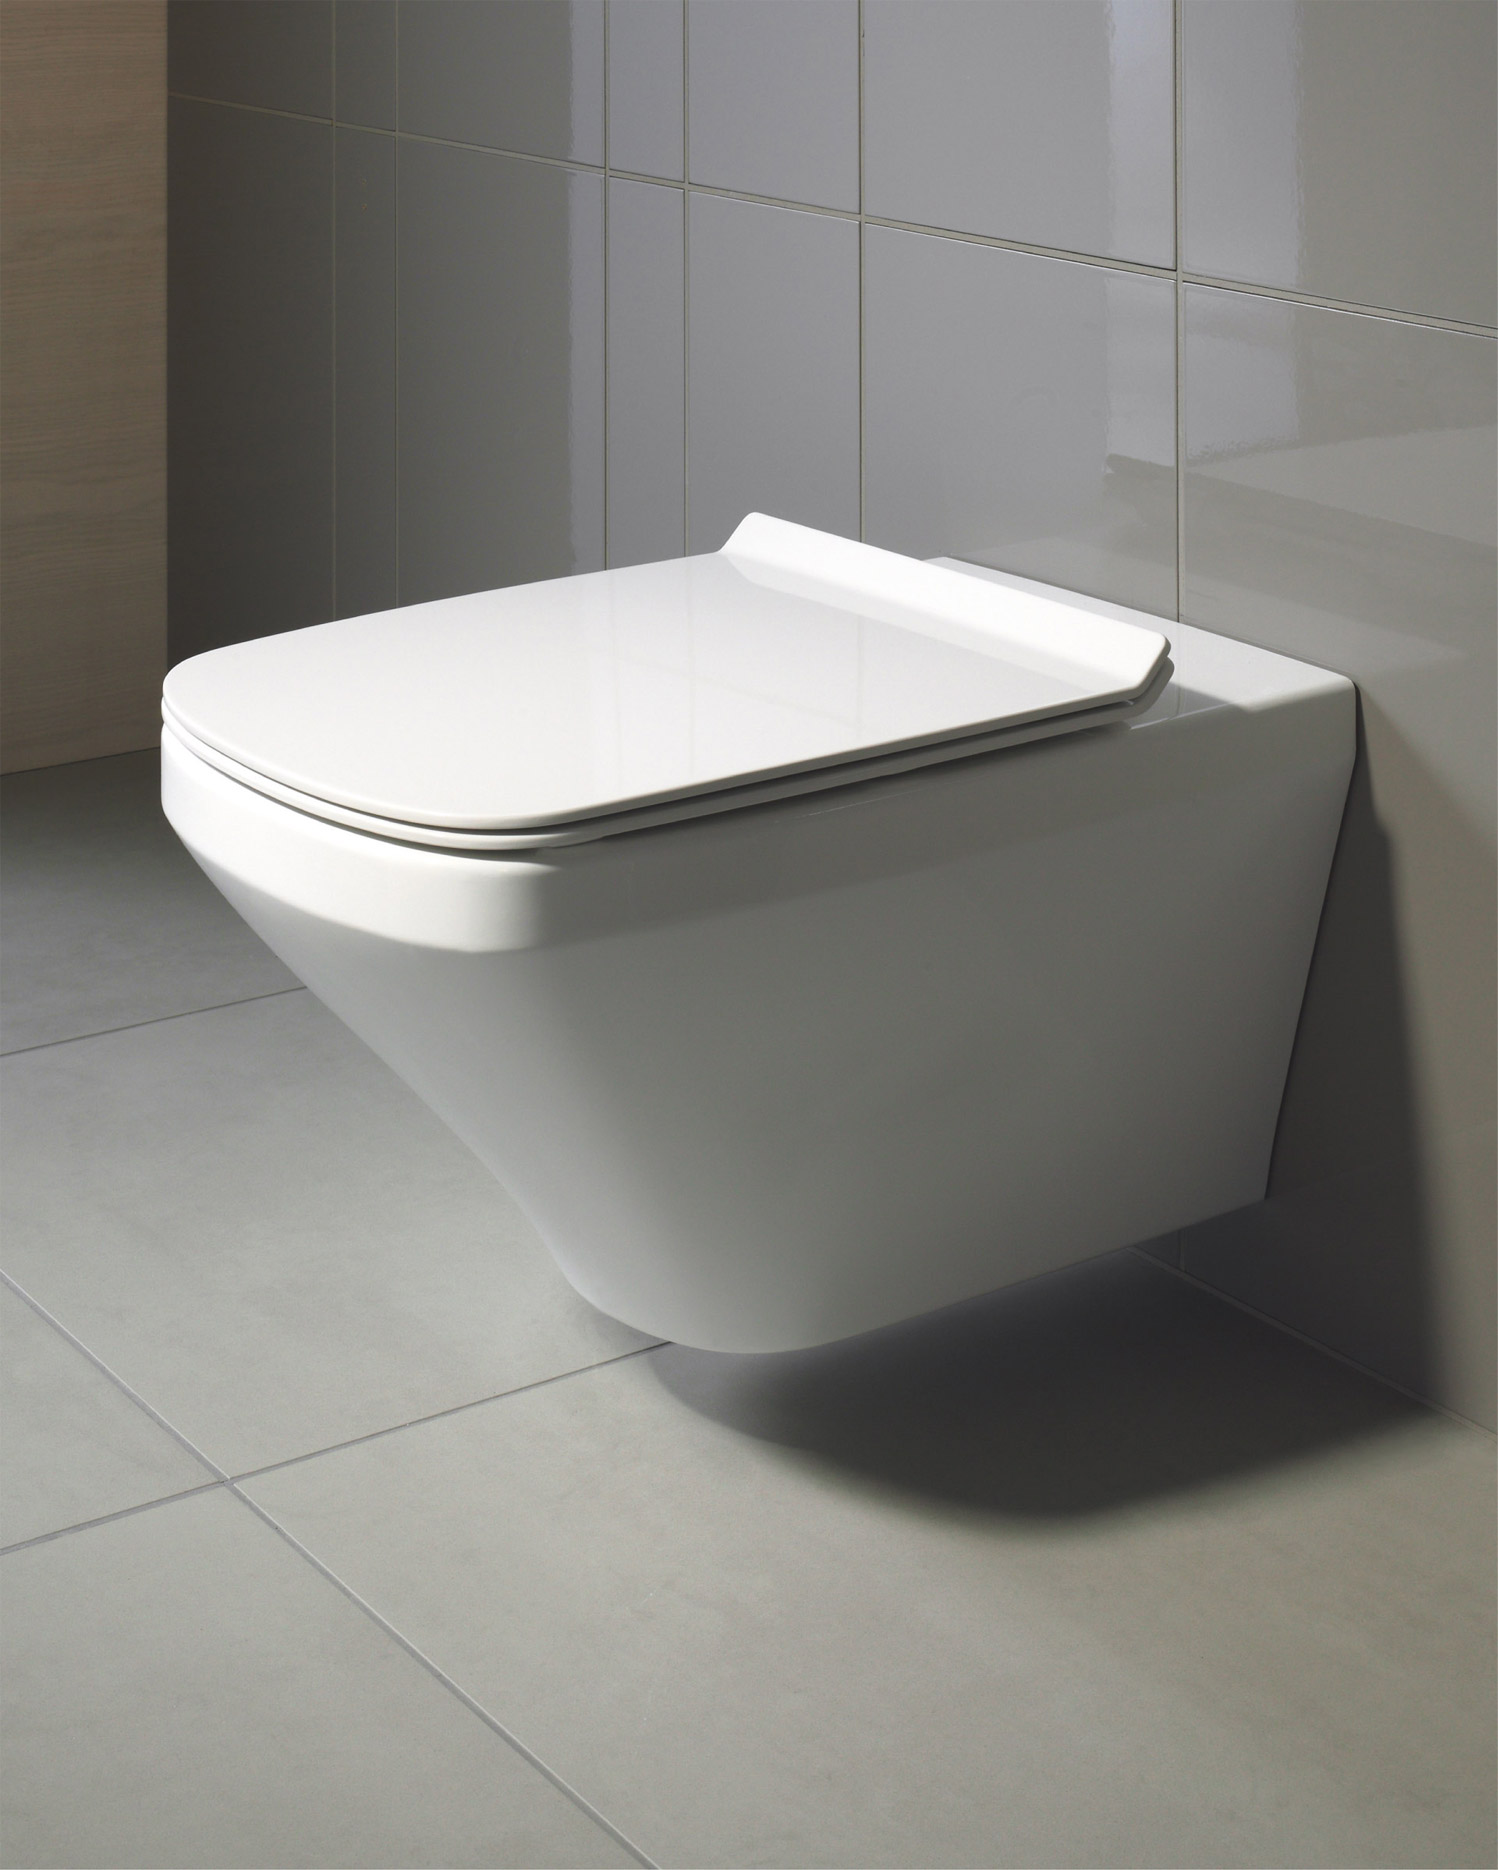 Awesome Wc Bathroom Decoration Ideas